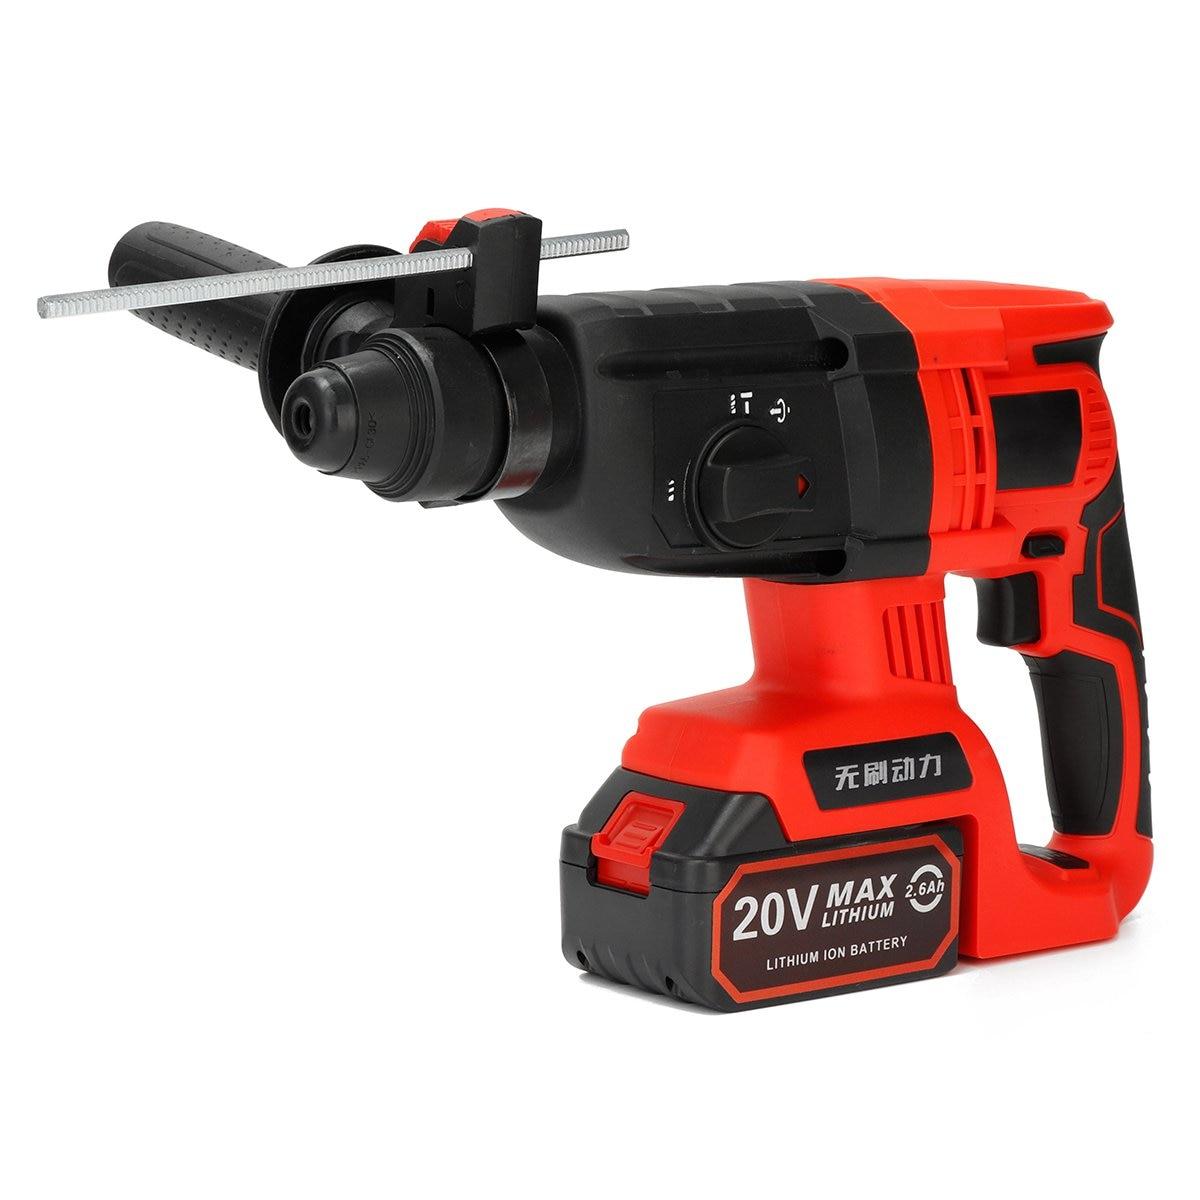 Bereidwillig 220 V 20mm Multi-functies Elektrische Boorhamer 20 V Met 1/2 2.6ah Li Batterij Klopboormachine Power Tool Boor Elektrische Boor